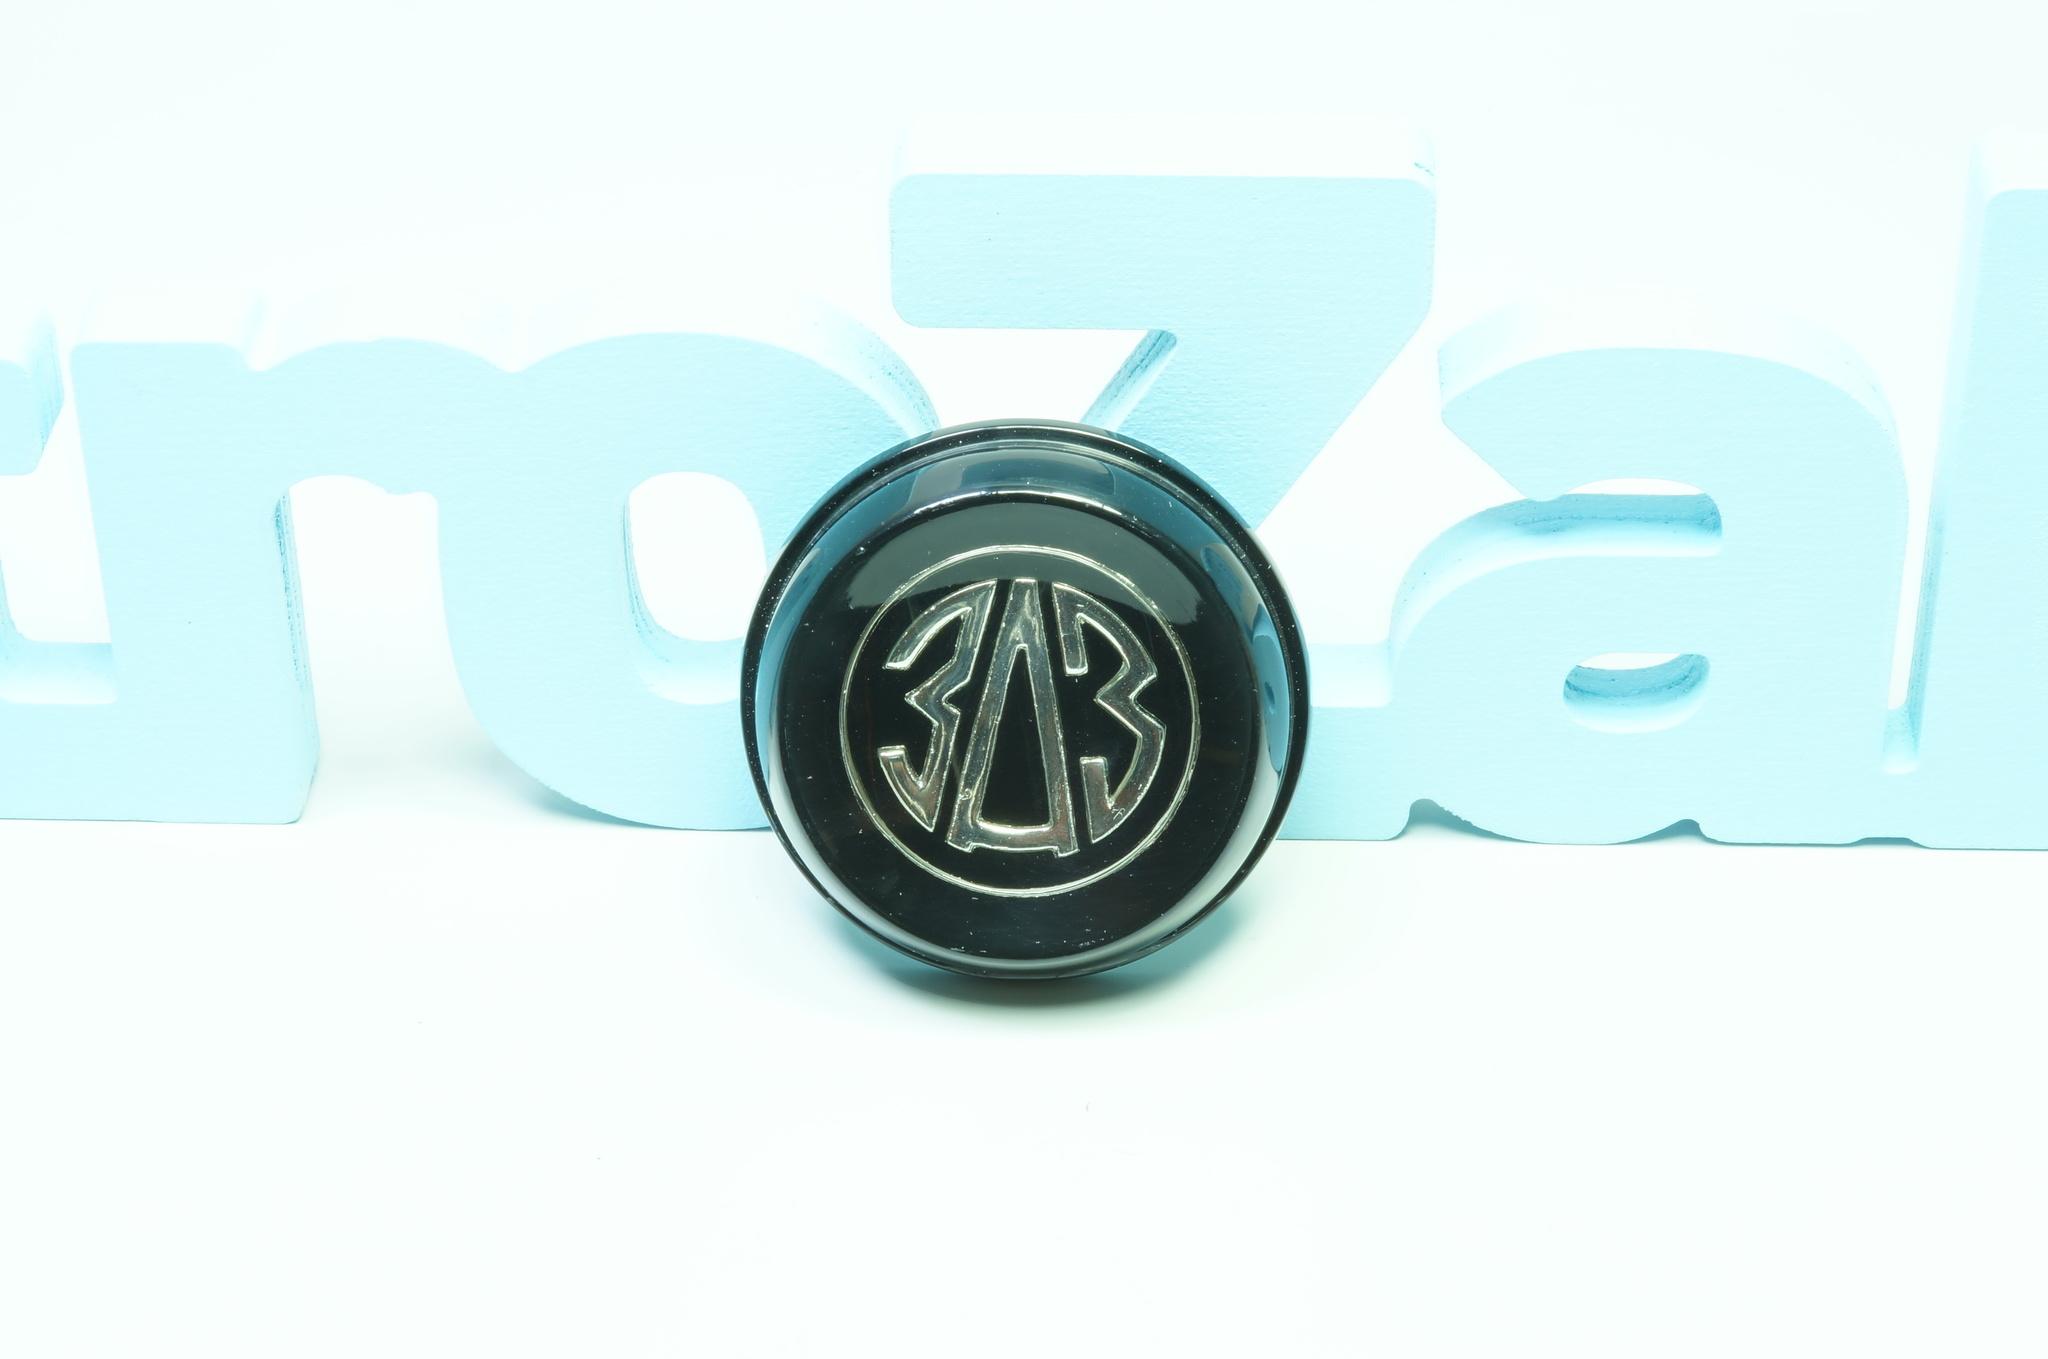 Эмблема руля Заз 965 Горбатый Ченый